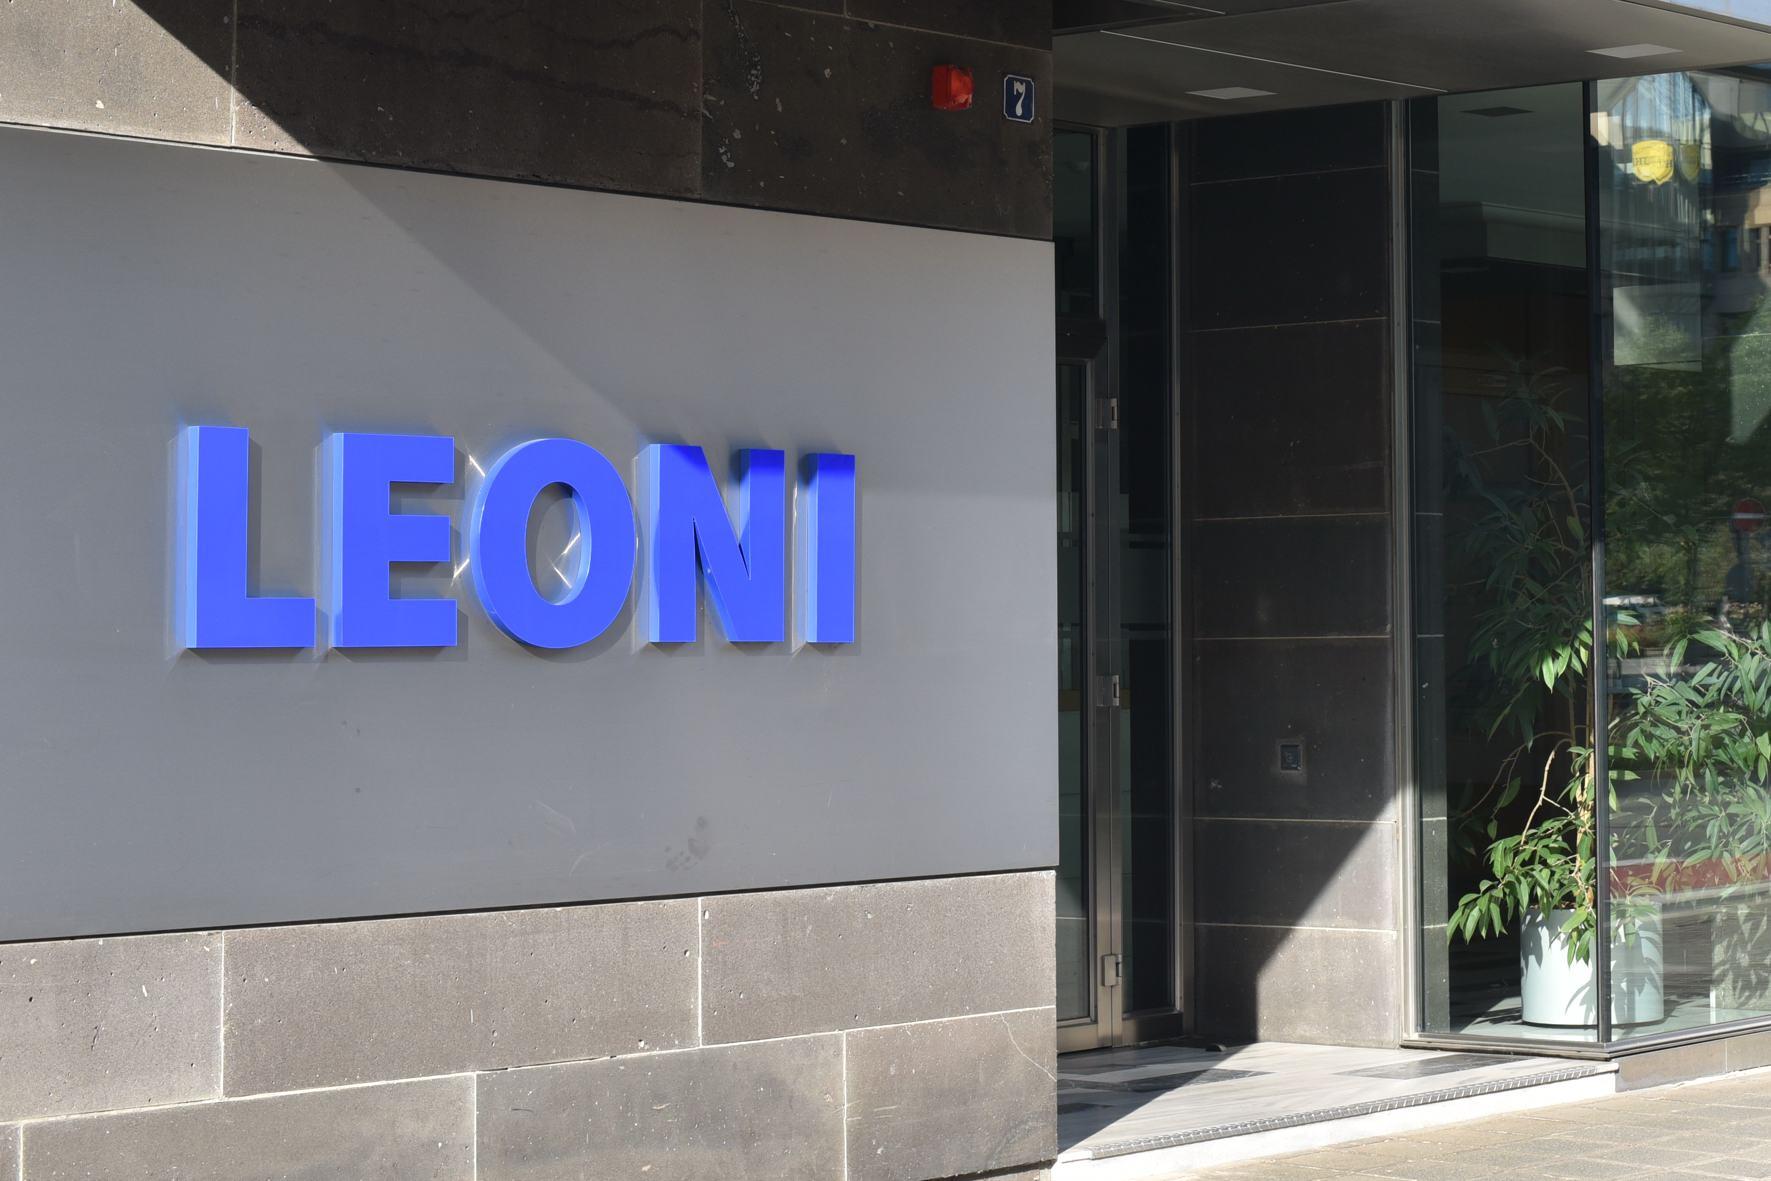 Leoni verkauft Industriegeschäft